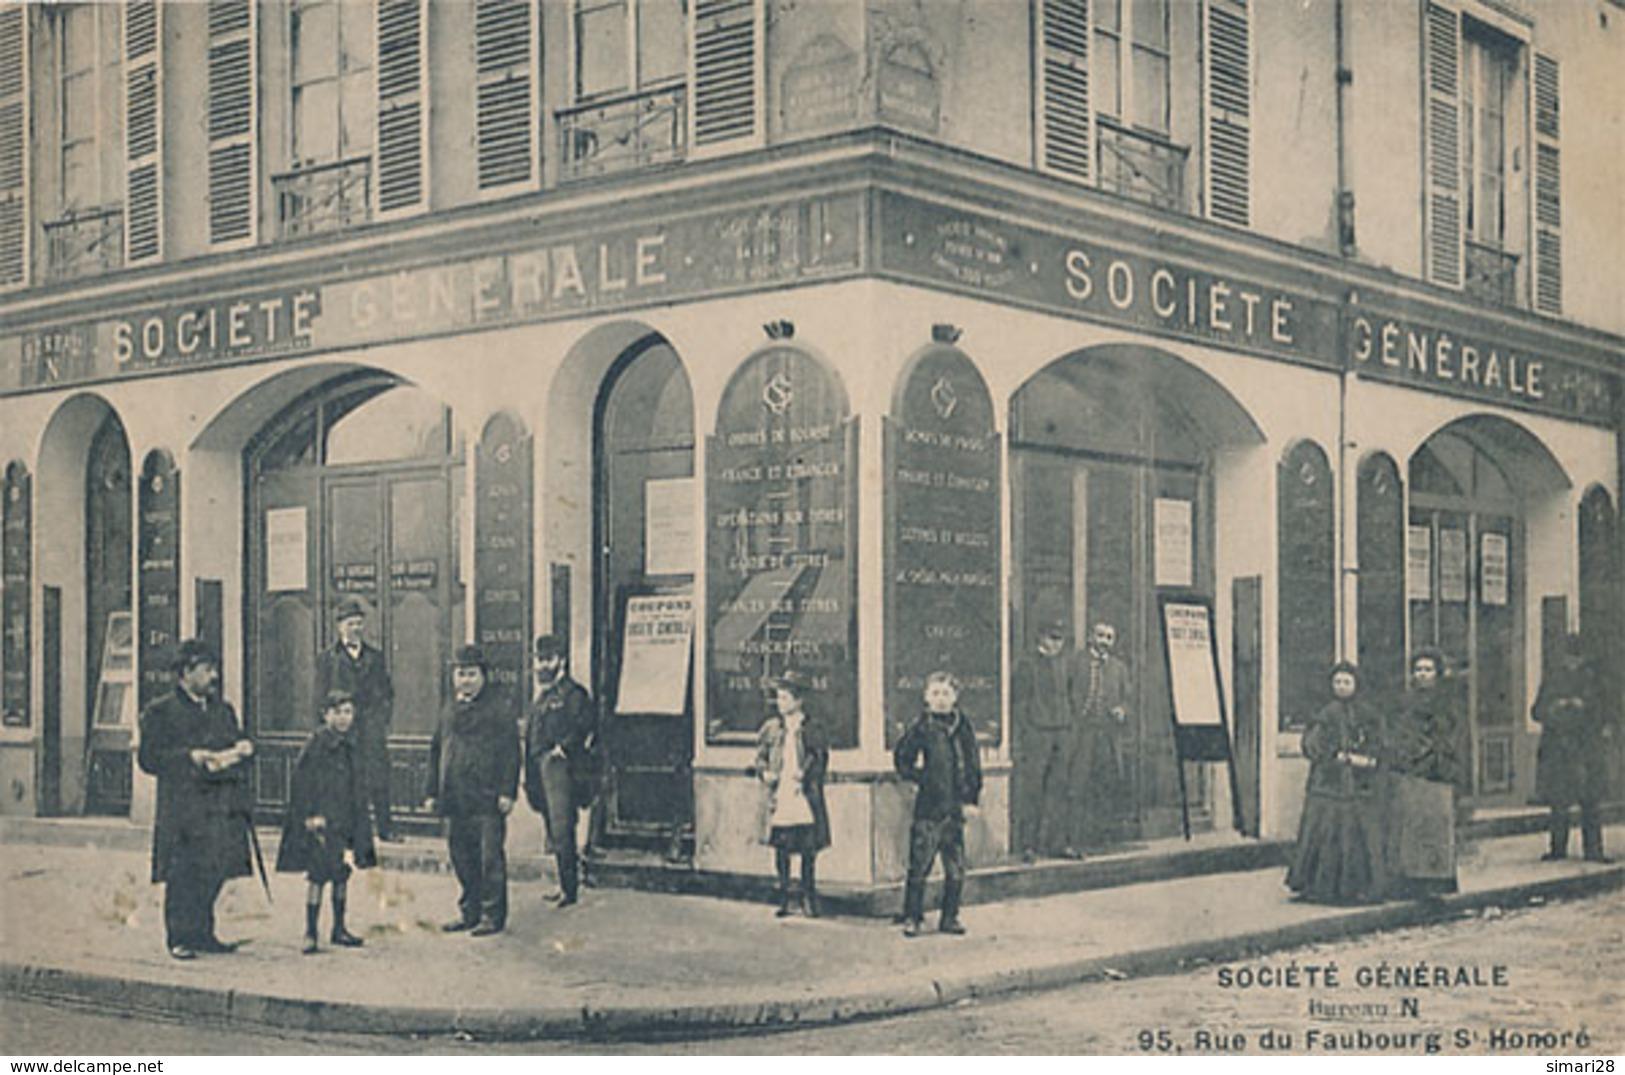 PARIS - SOCIETE GENERALE - BUREAU N - 95 RUE DU FAUBOURG ST HONORE - Paris (08)